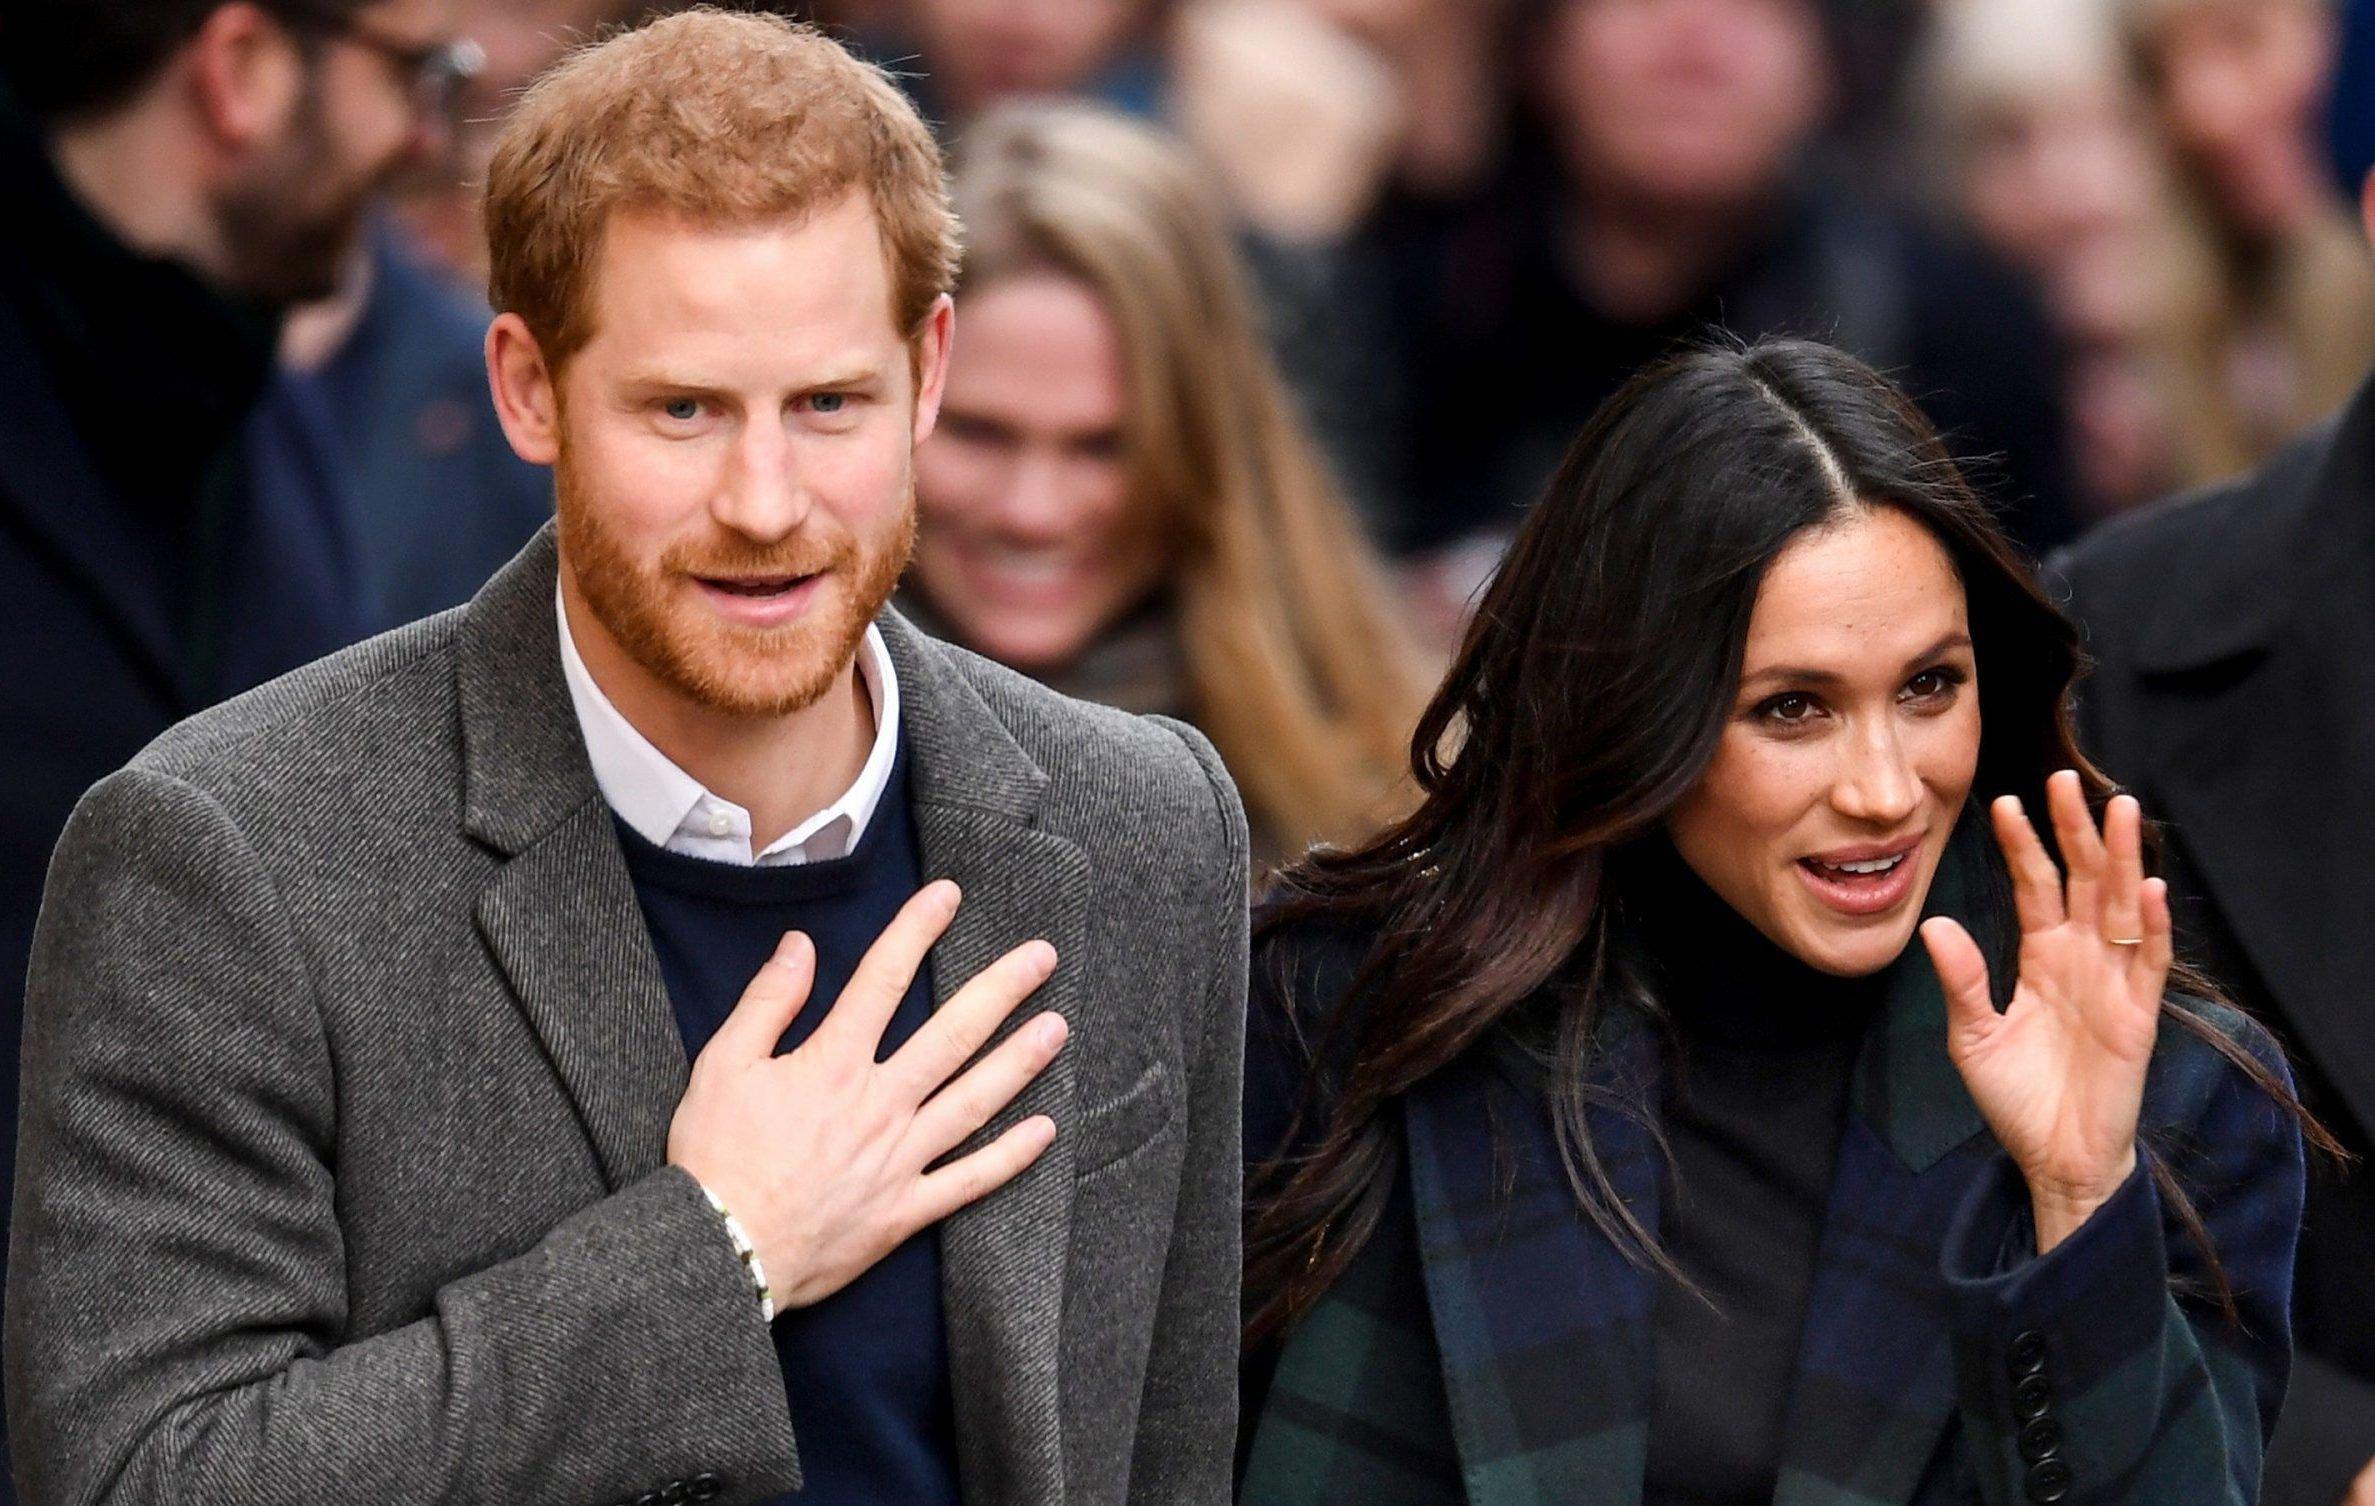 Семья Елизаветы II может исключить принца Гарри и Меган Маркл